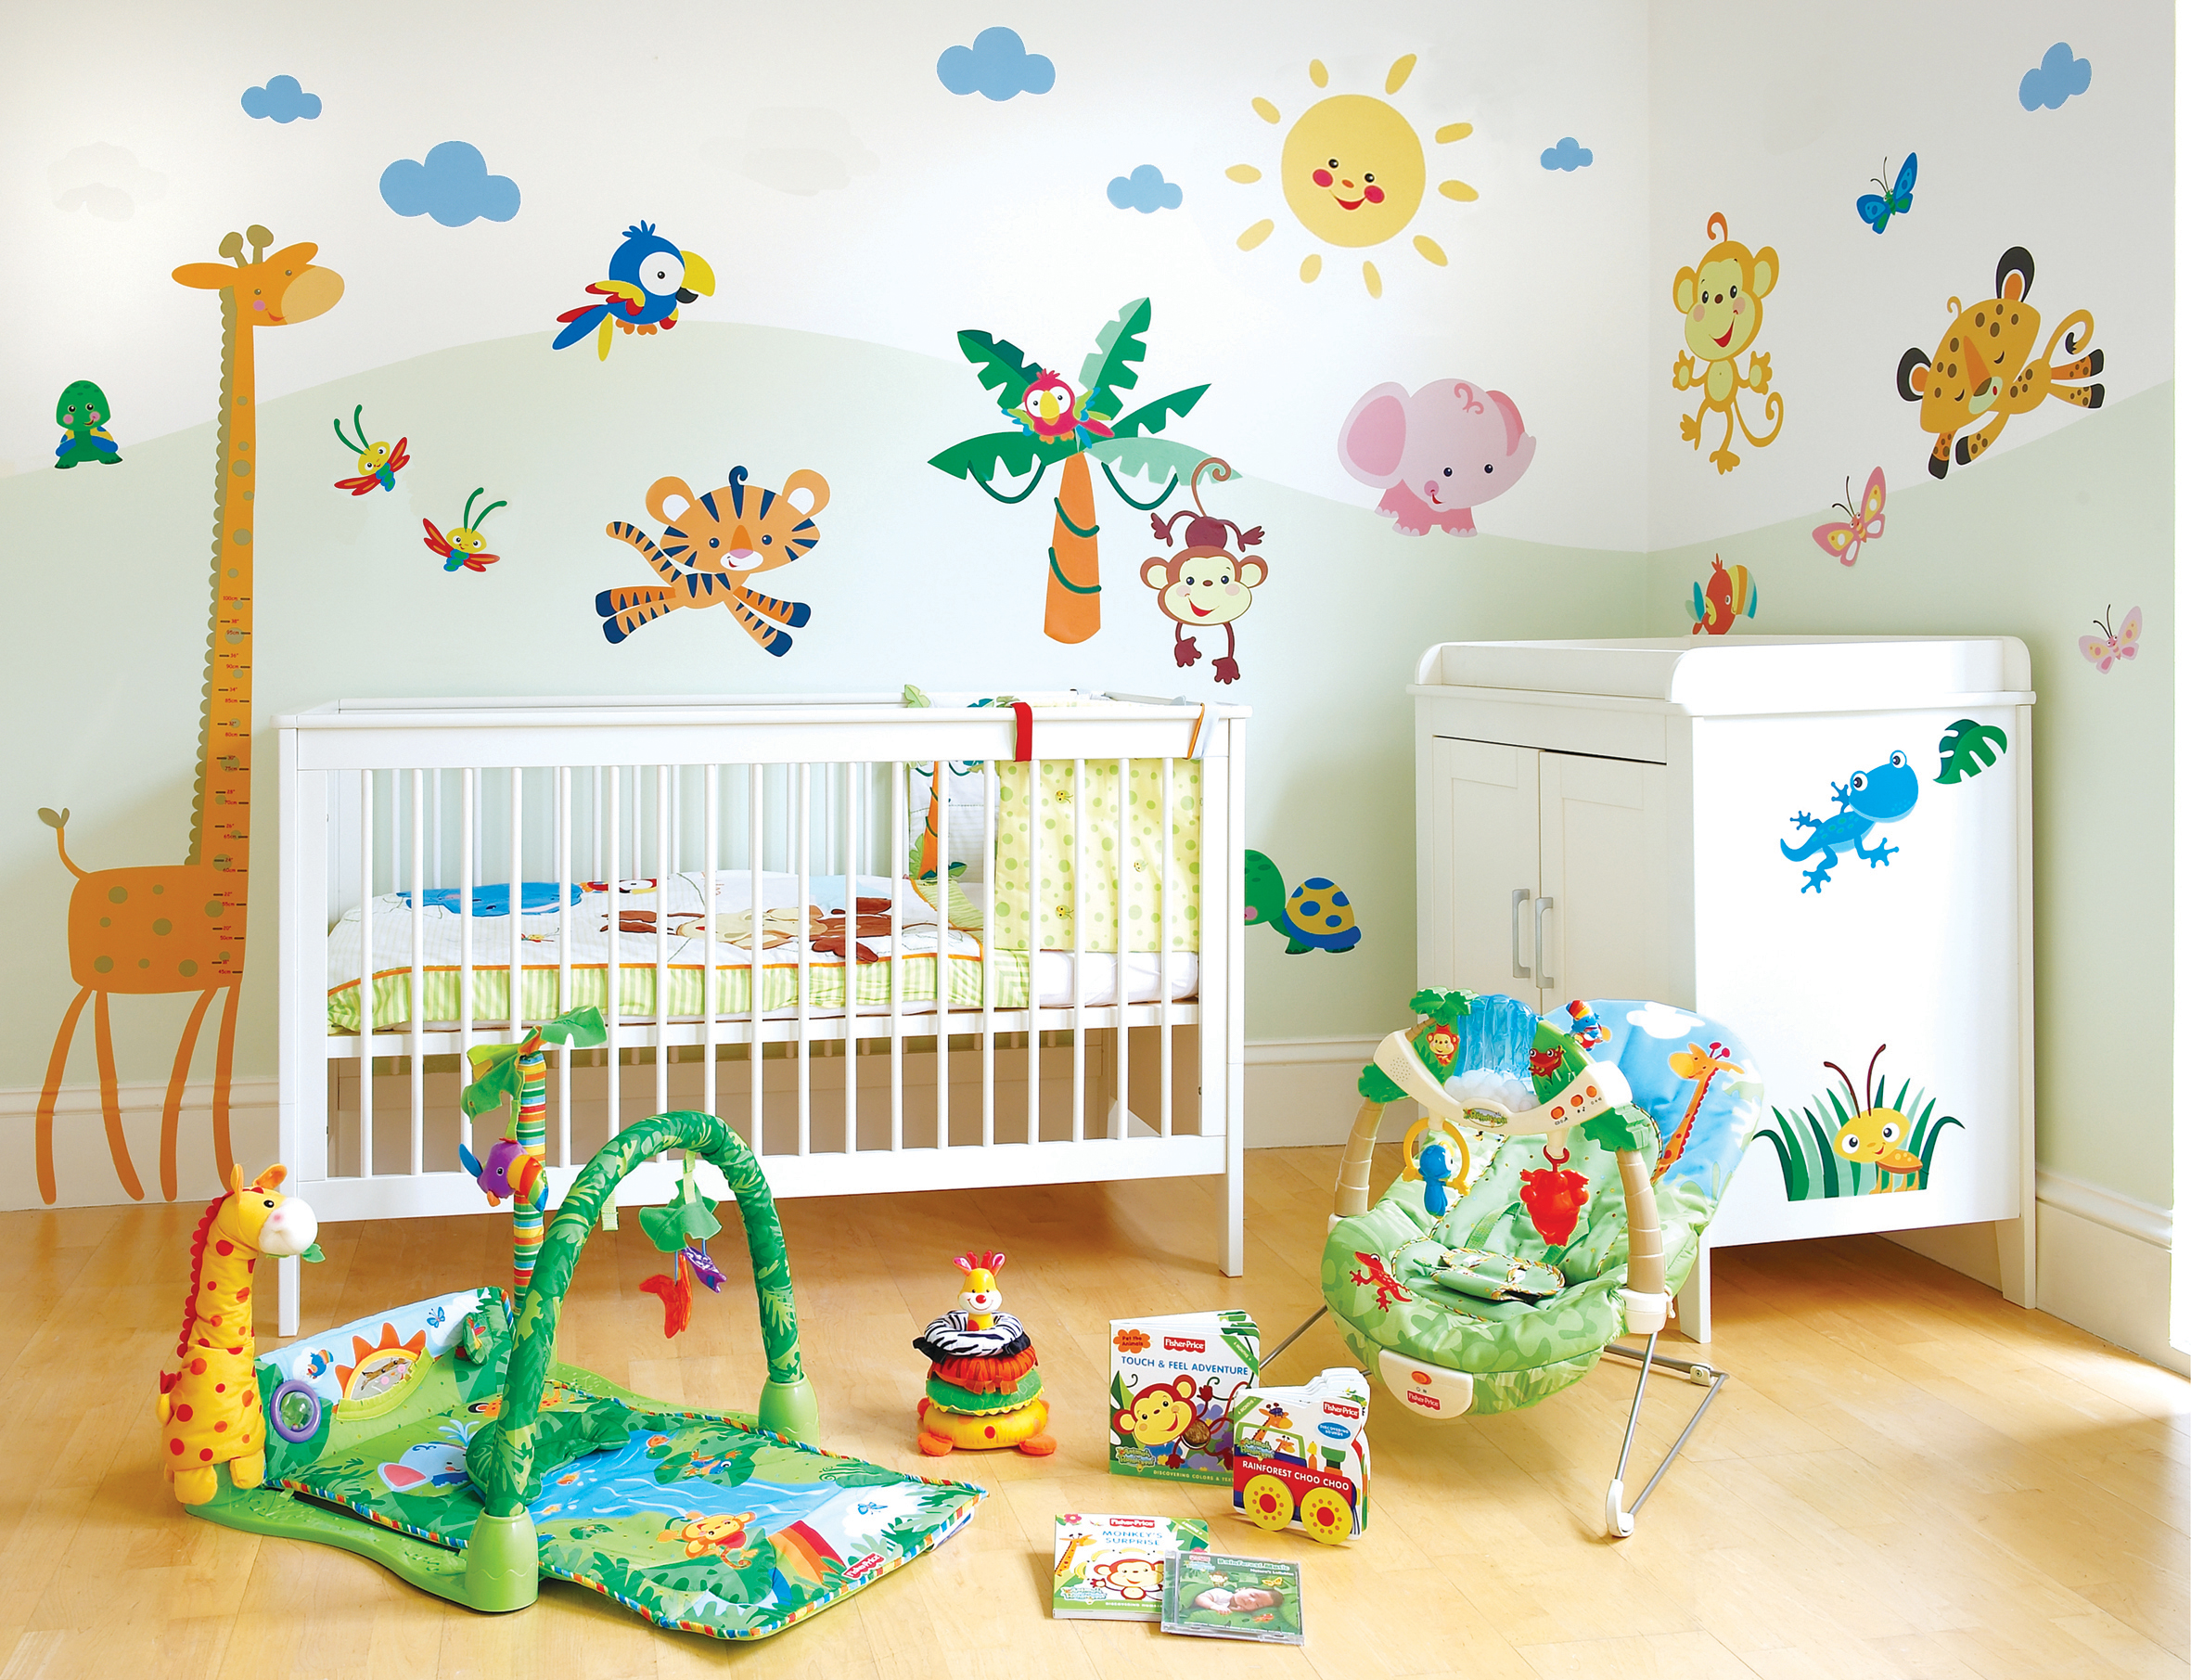 Украсить комнату своими руками для новорожденных